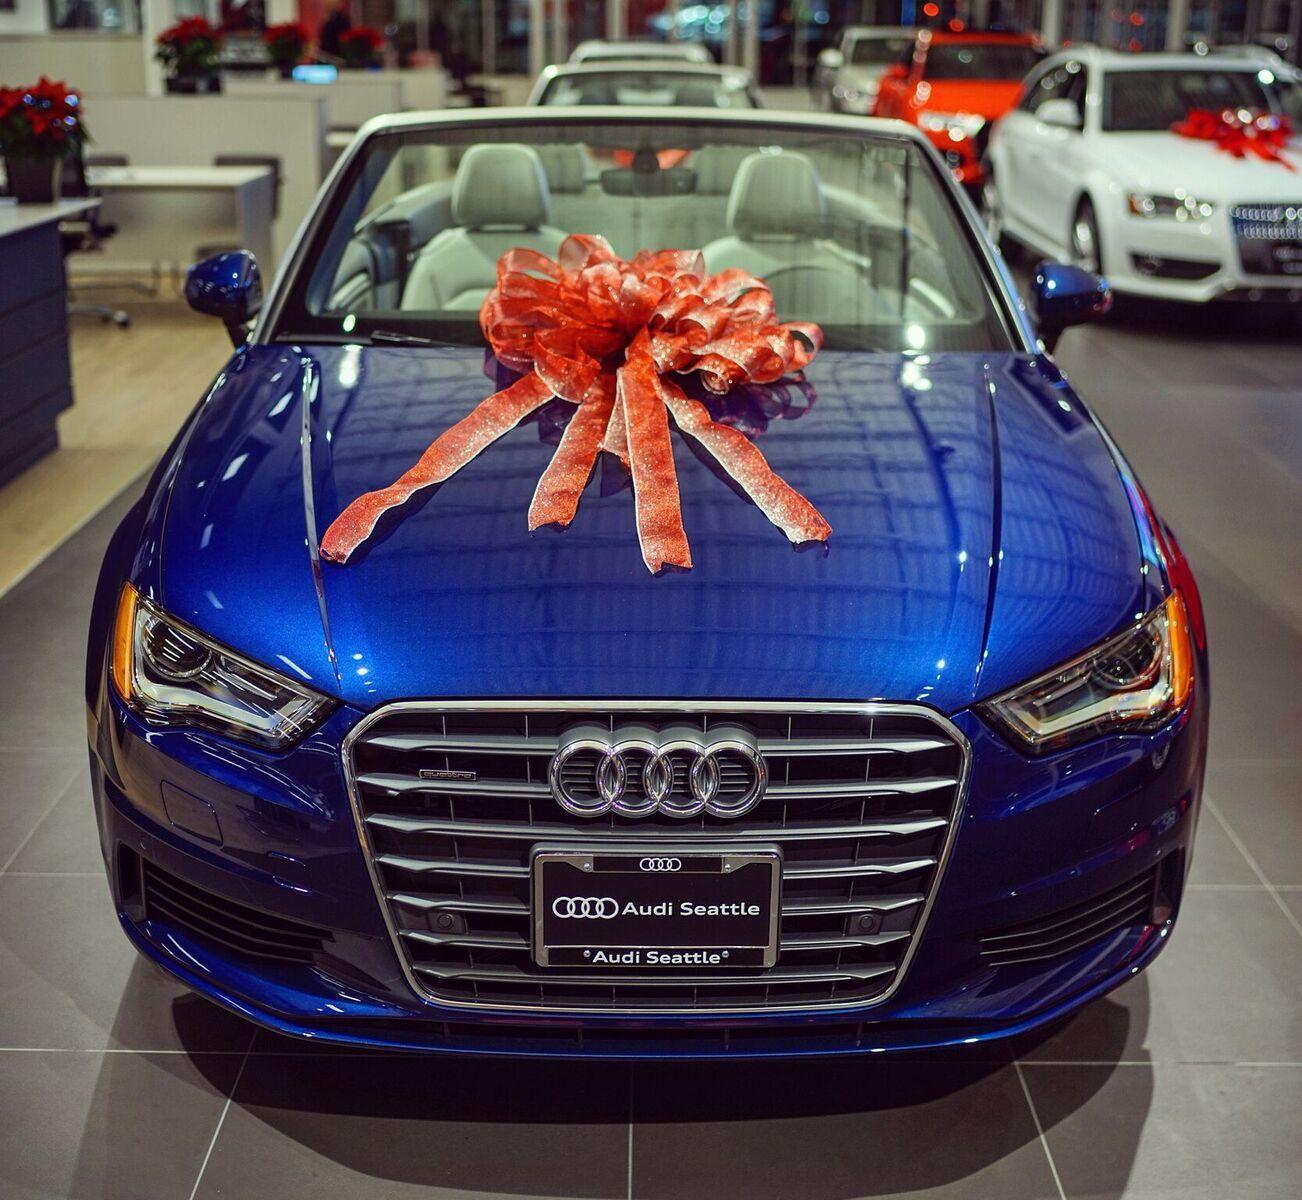 Scuba Blue A3 Audi Seattle U District Seattle Wa Audiseattle Com Audi Dealership Audi Audi Cars